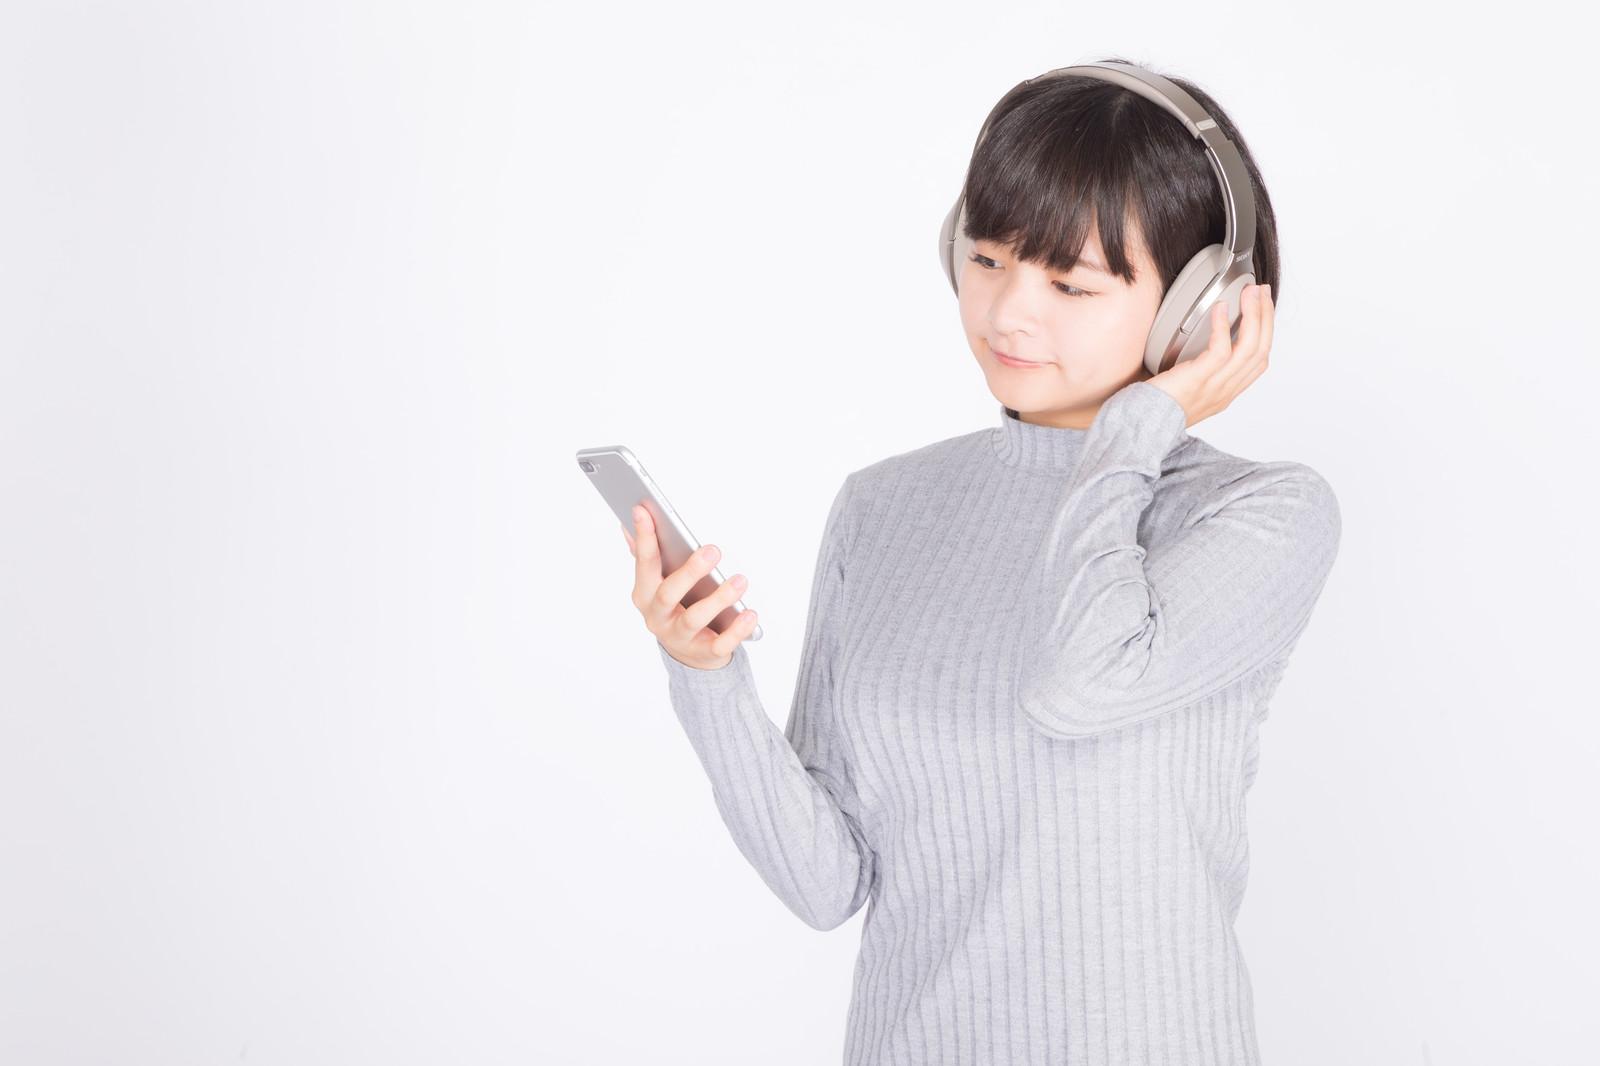 洋楽を聞いていると英語が話せるようになるって本当!?そのコツとは?